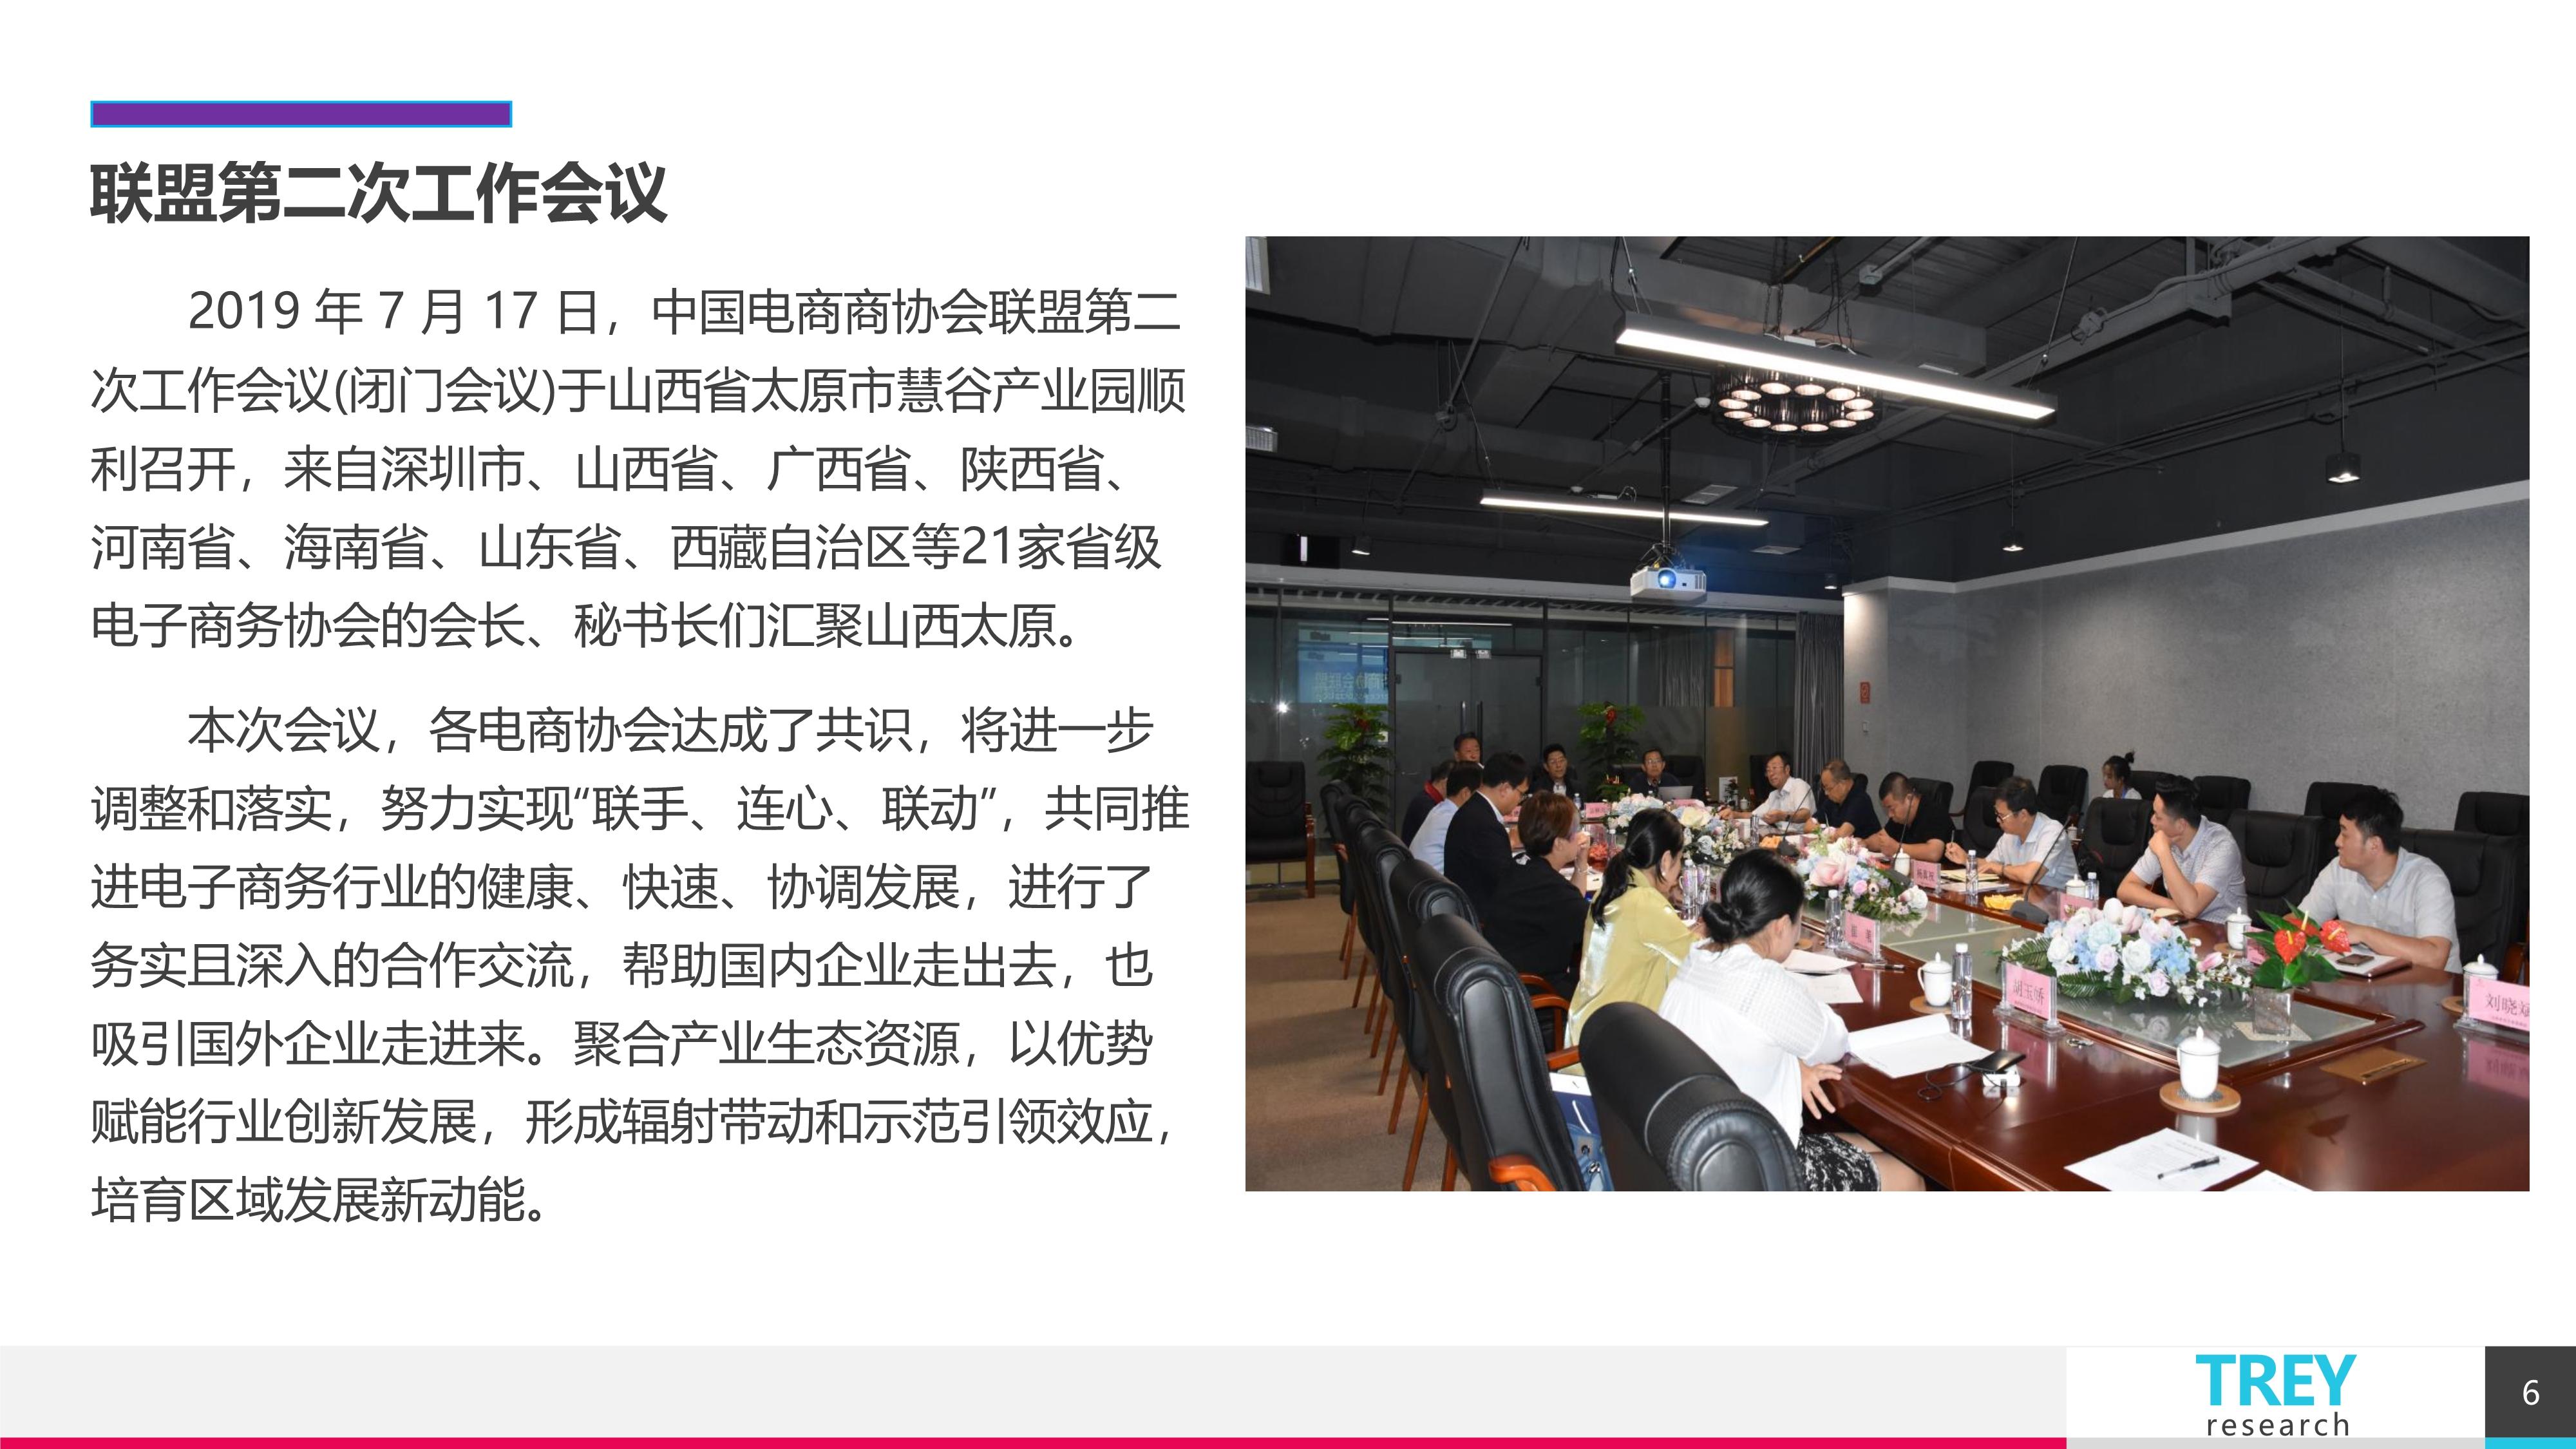 1中国电子商务商协会联盟0220-1_6